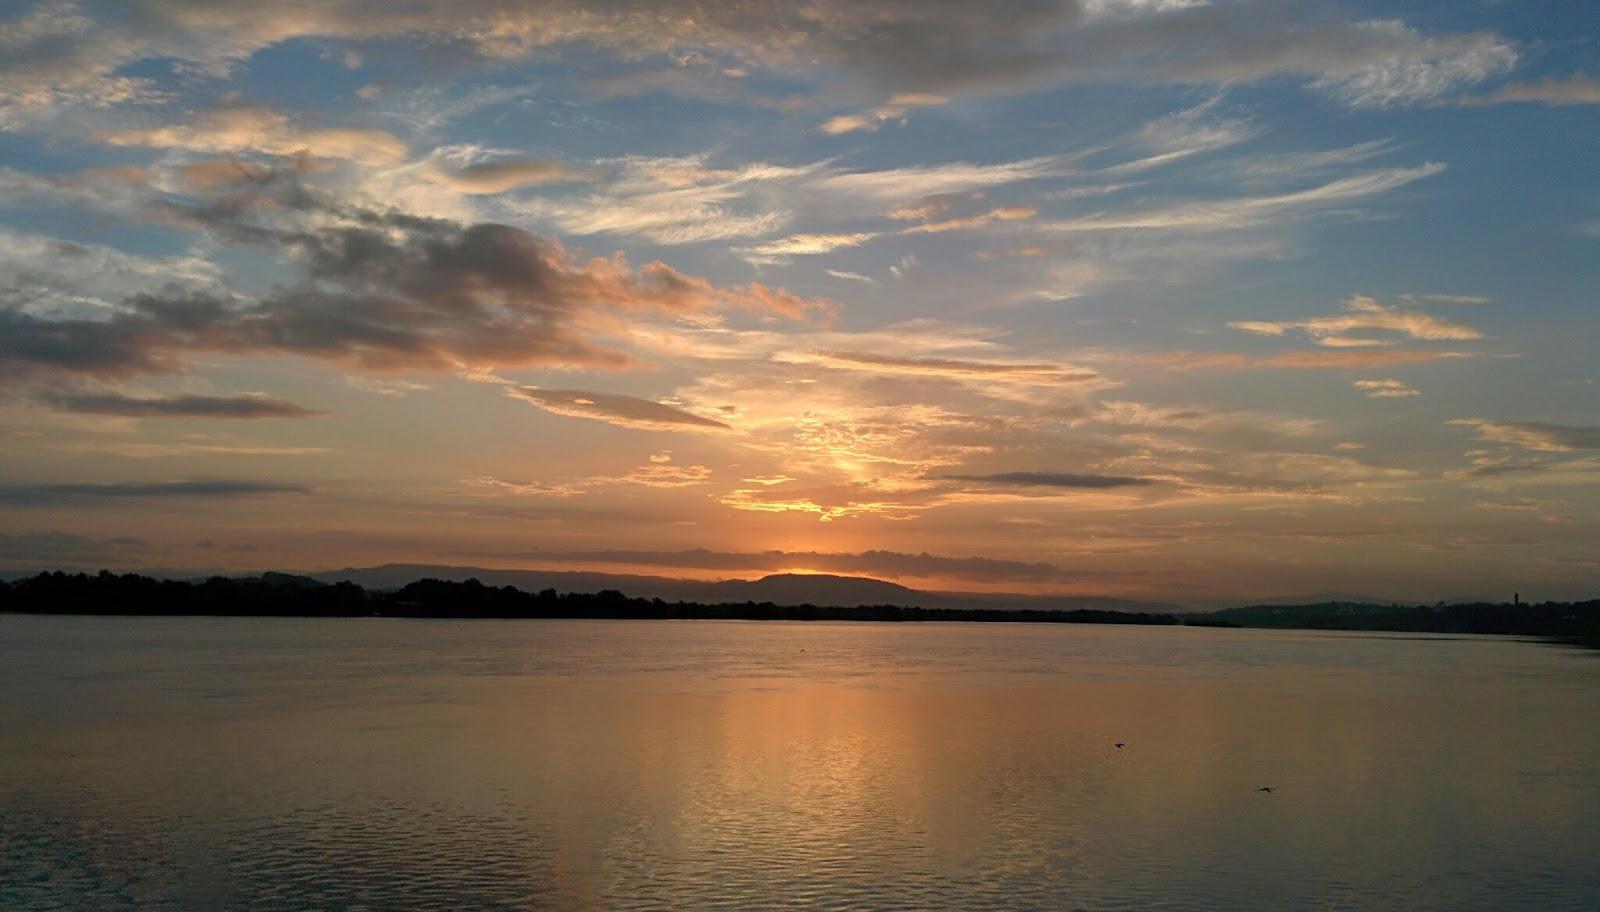 Sunrise at Ribandar.